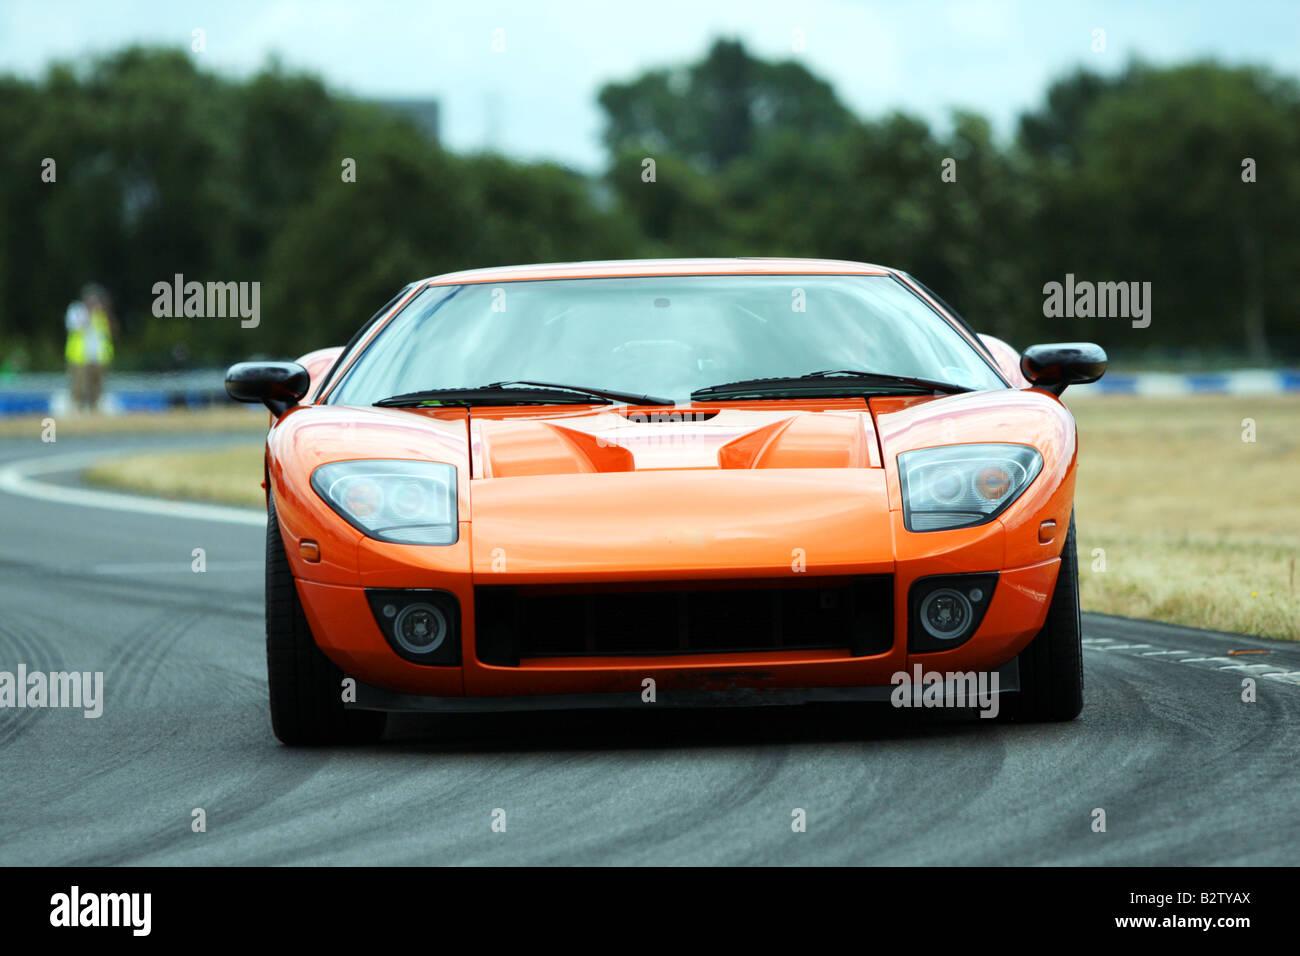 Ford Gt Gt Orange Supercar Dream Boys Fast Loud